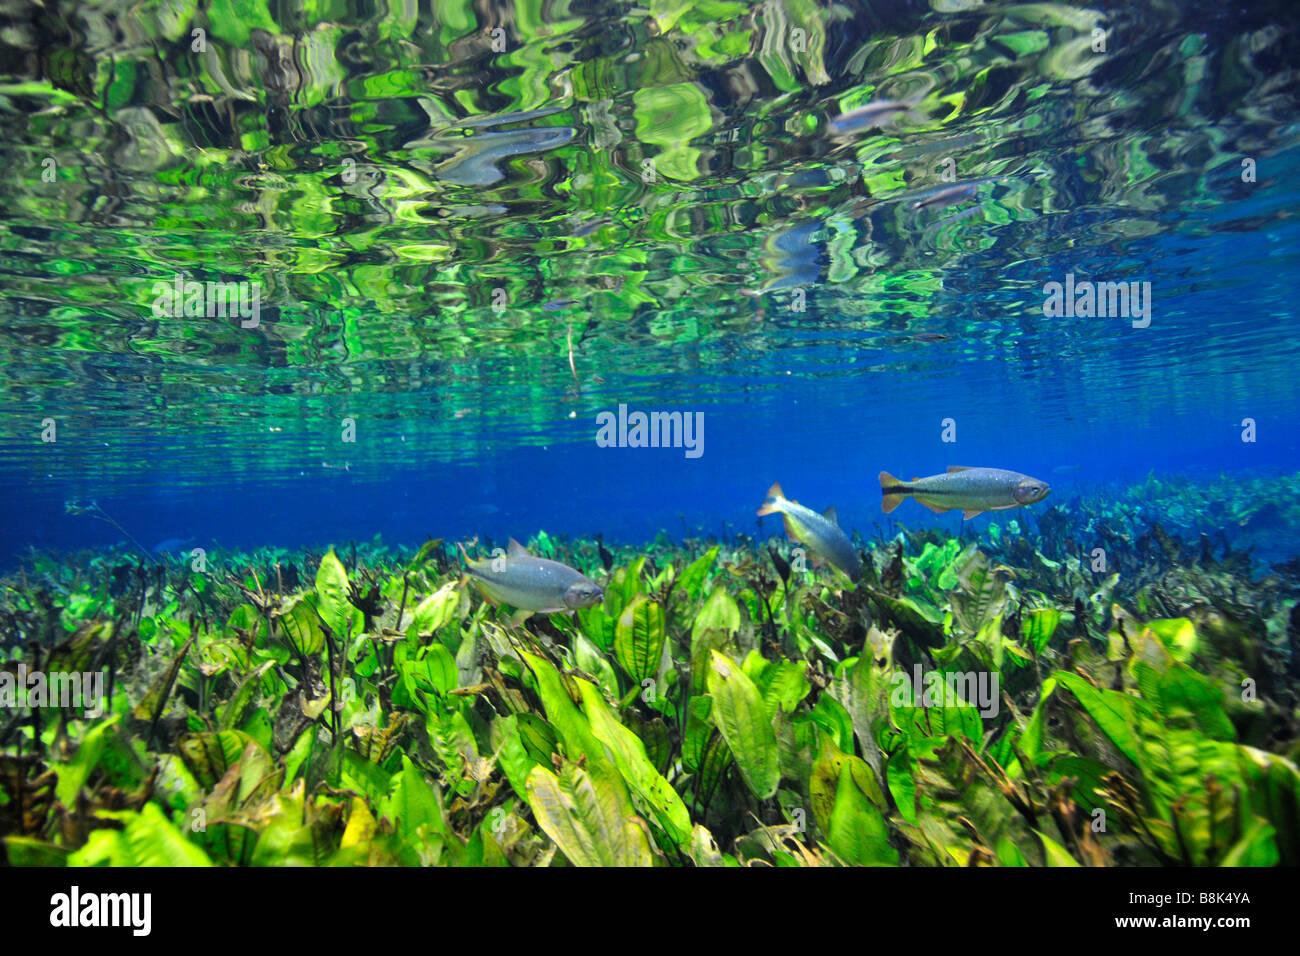 Characins or piraputangas Brycon hilarii swim by Baia Bonita river Aquario Natural Bonito Mato Grosso do Sul Brazil - Stock Image